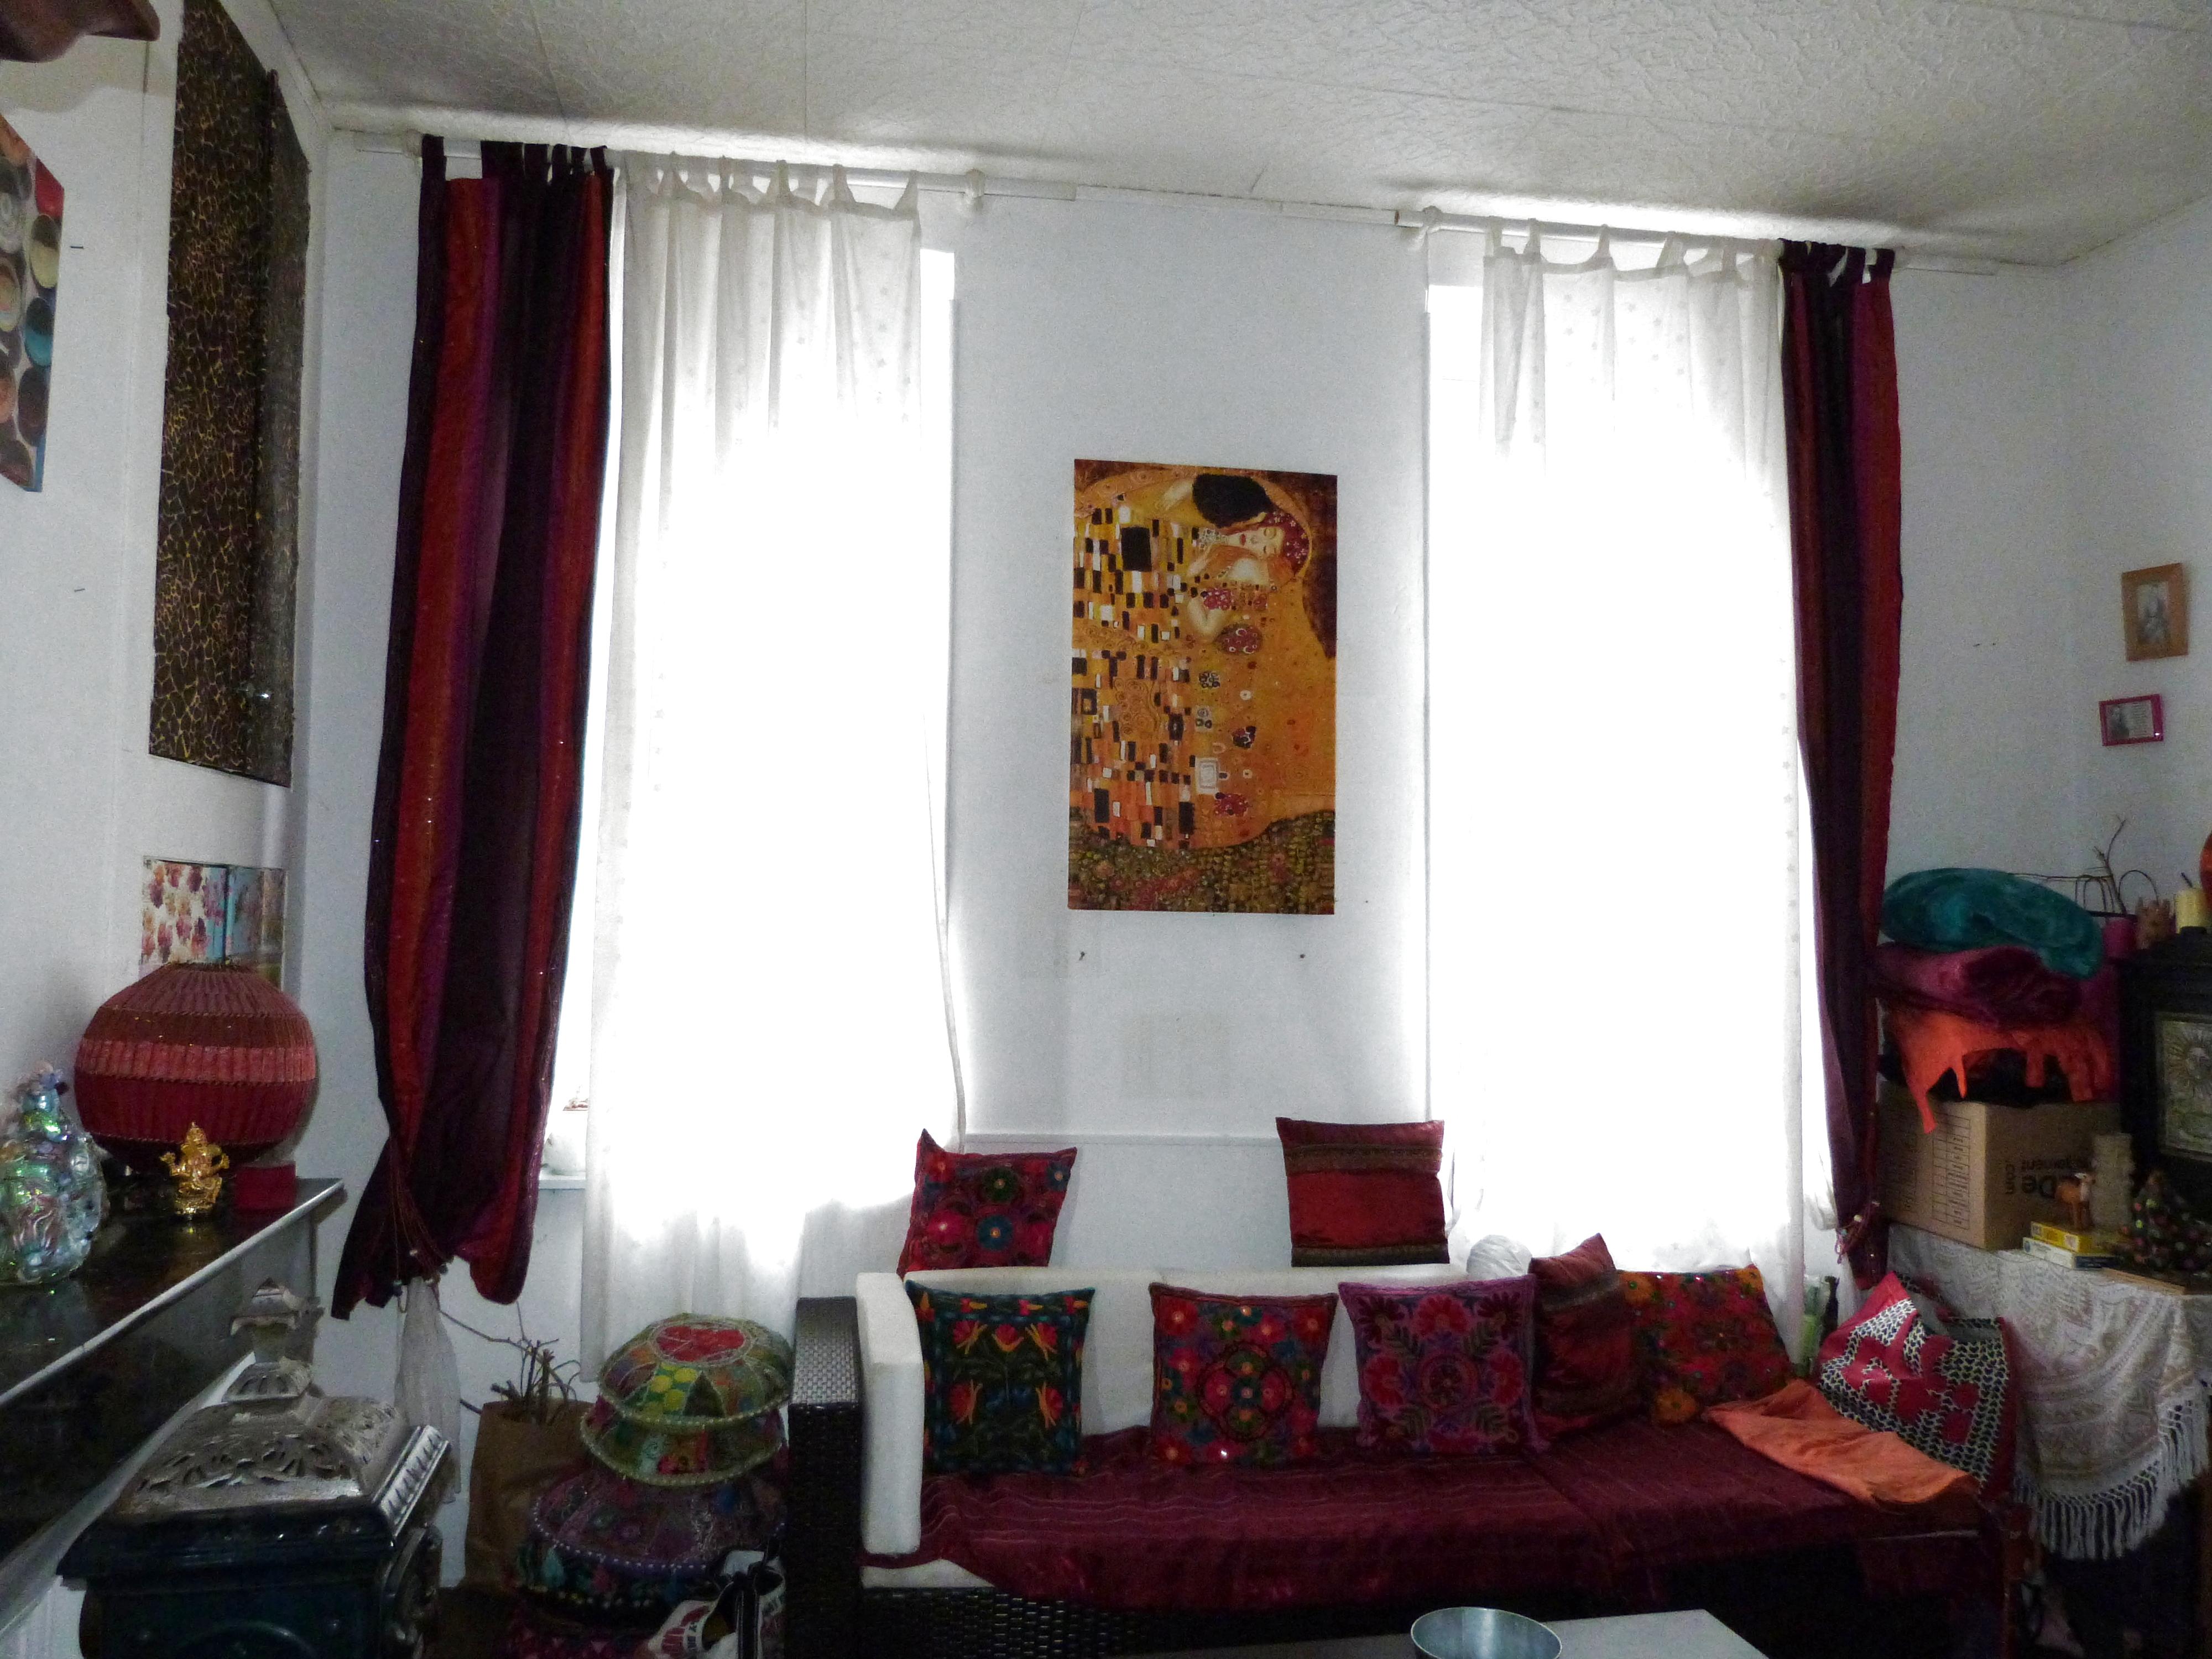 Vente maison toulouse 31000 sur le partenaire for Garage marengo toulouse